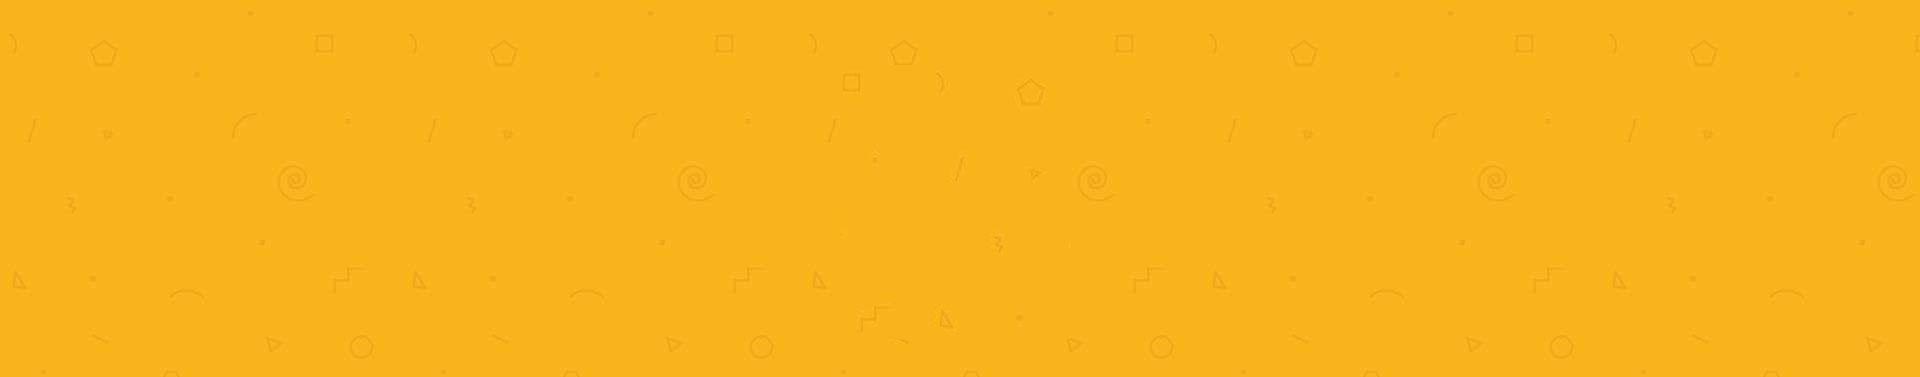 yellow-1.jpg